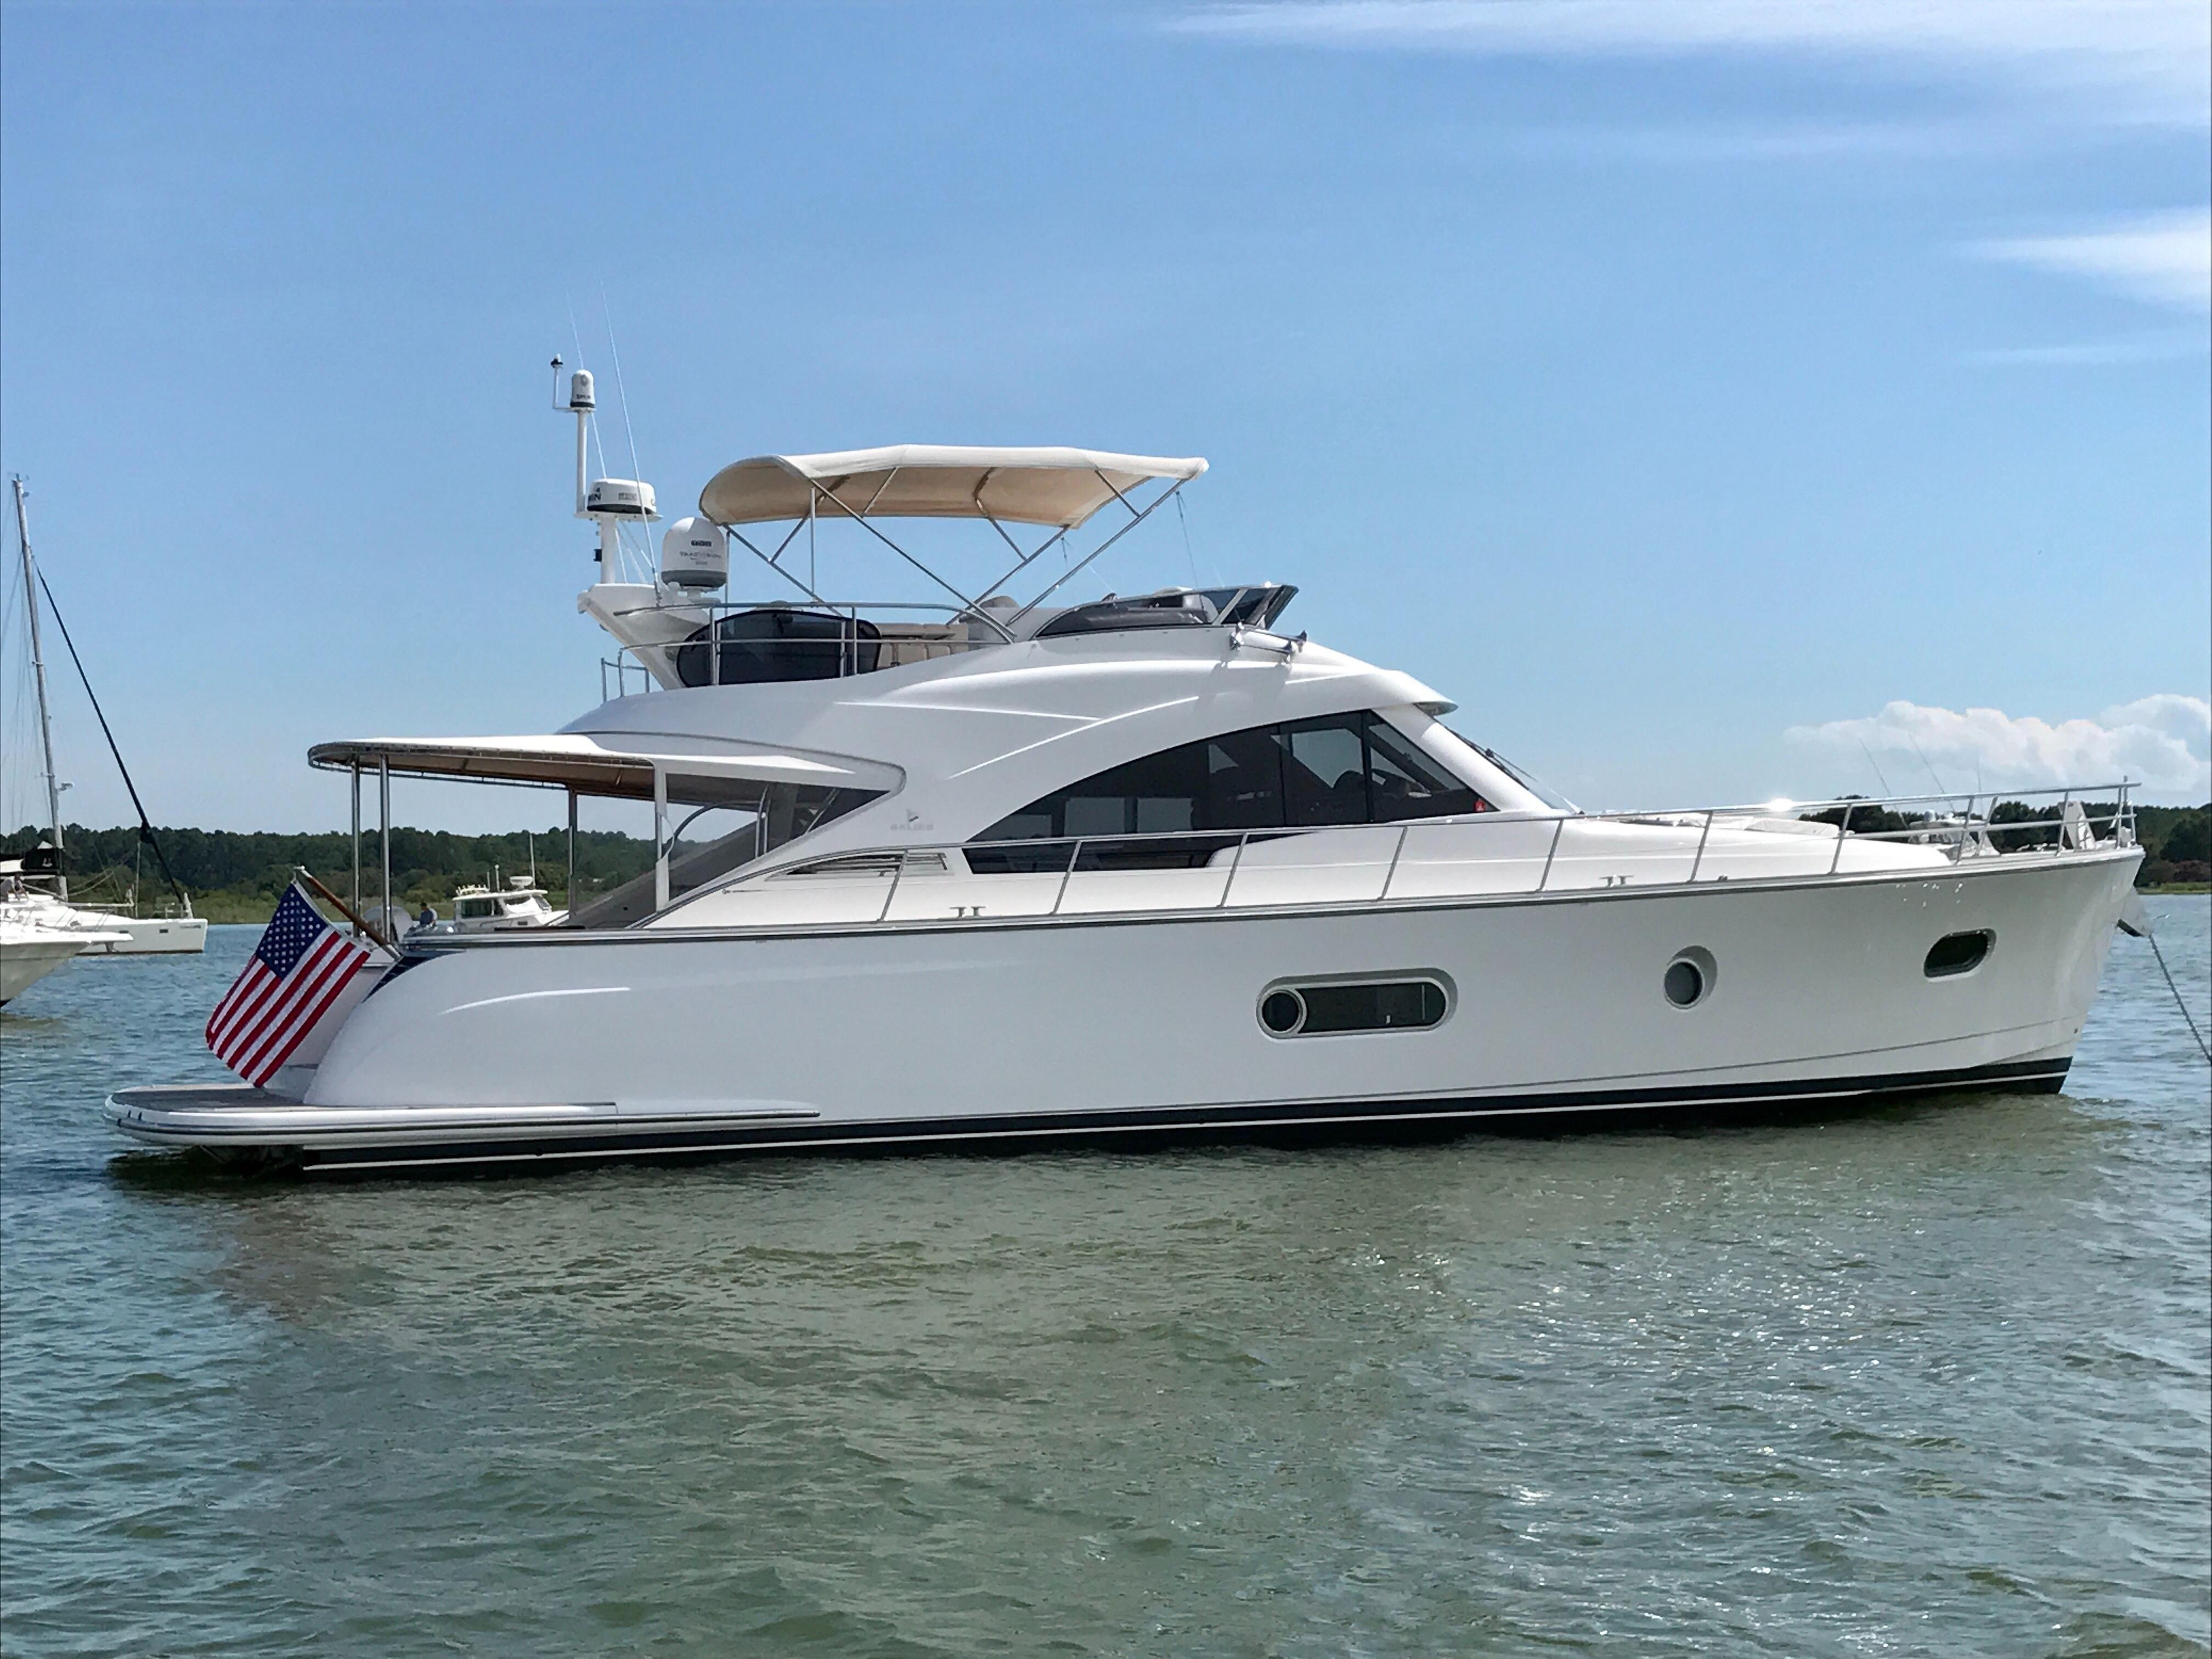 2015 Riviera Belize 54 Daybridge Power Boat For Sale Www